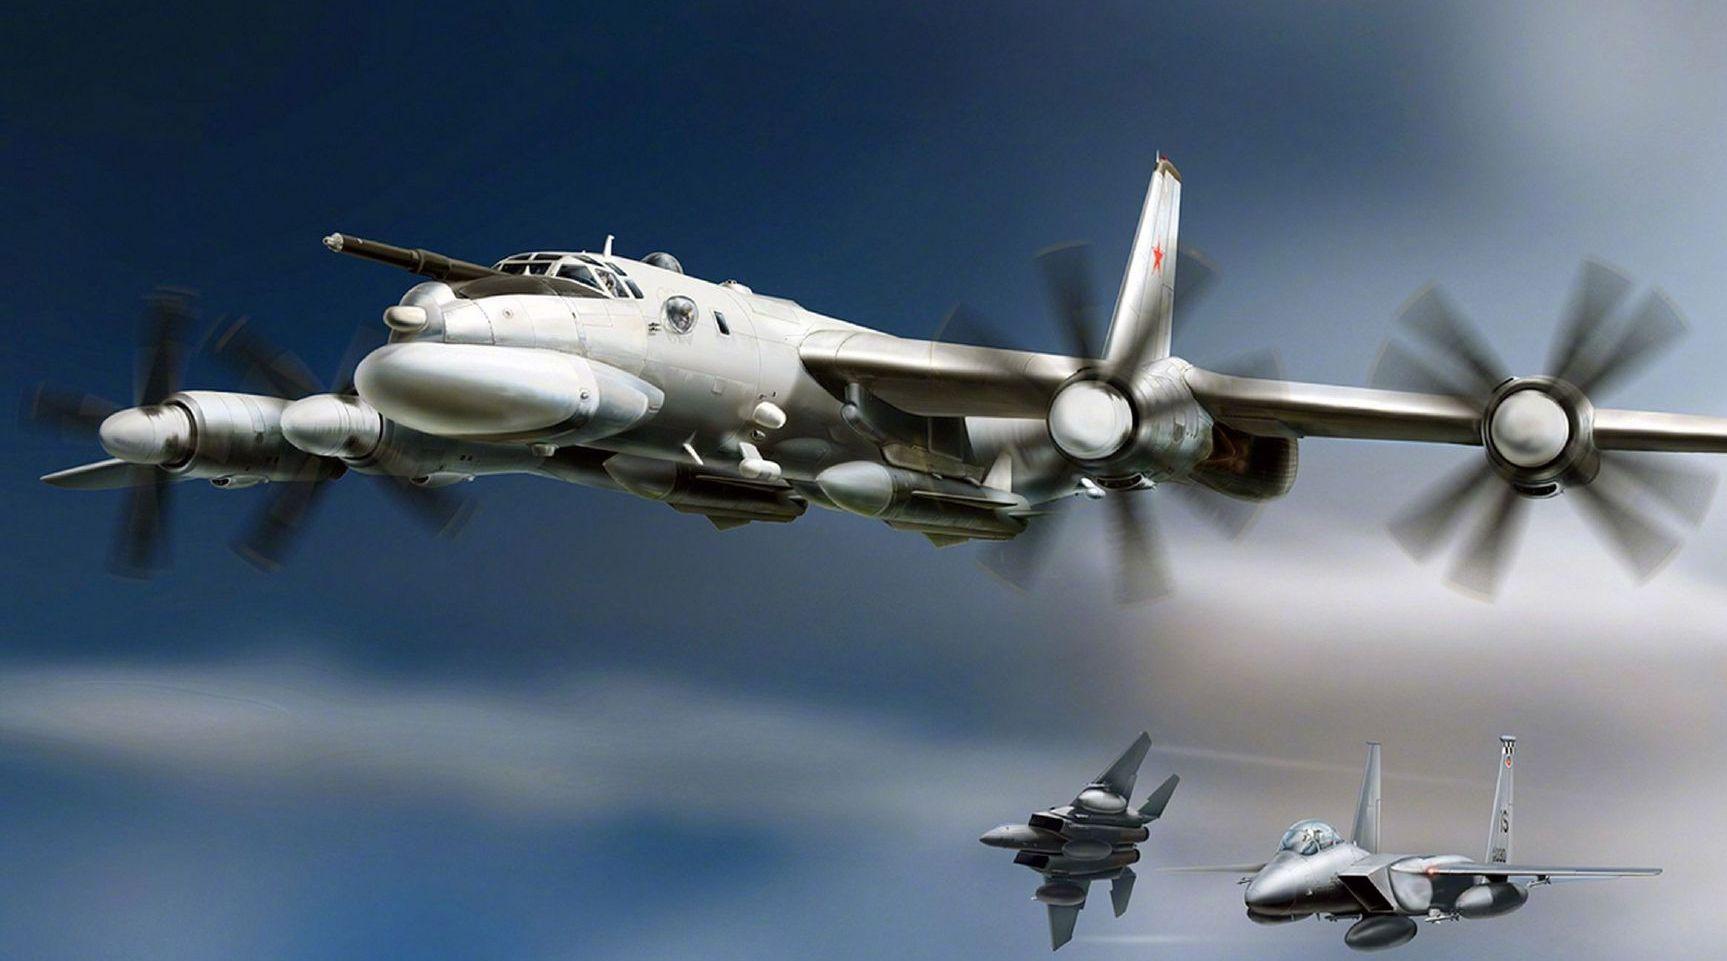 看人不能只看颜值,飞机也一样,俄罗斯老爷轰炸机堪称打脸神器